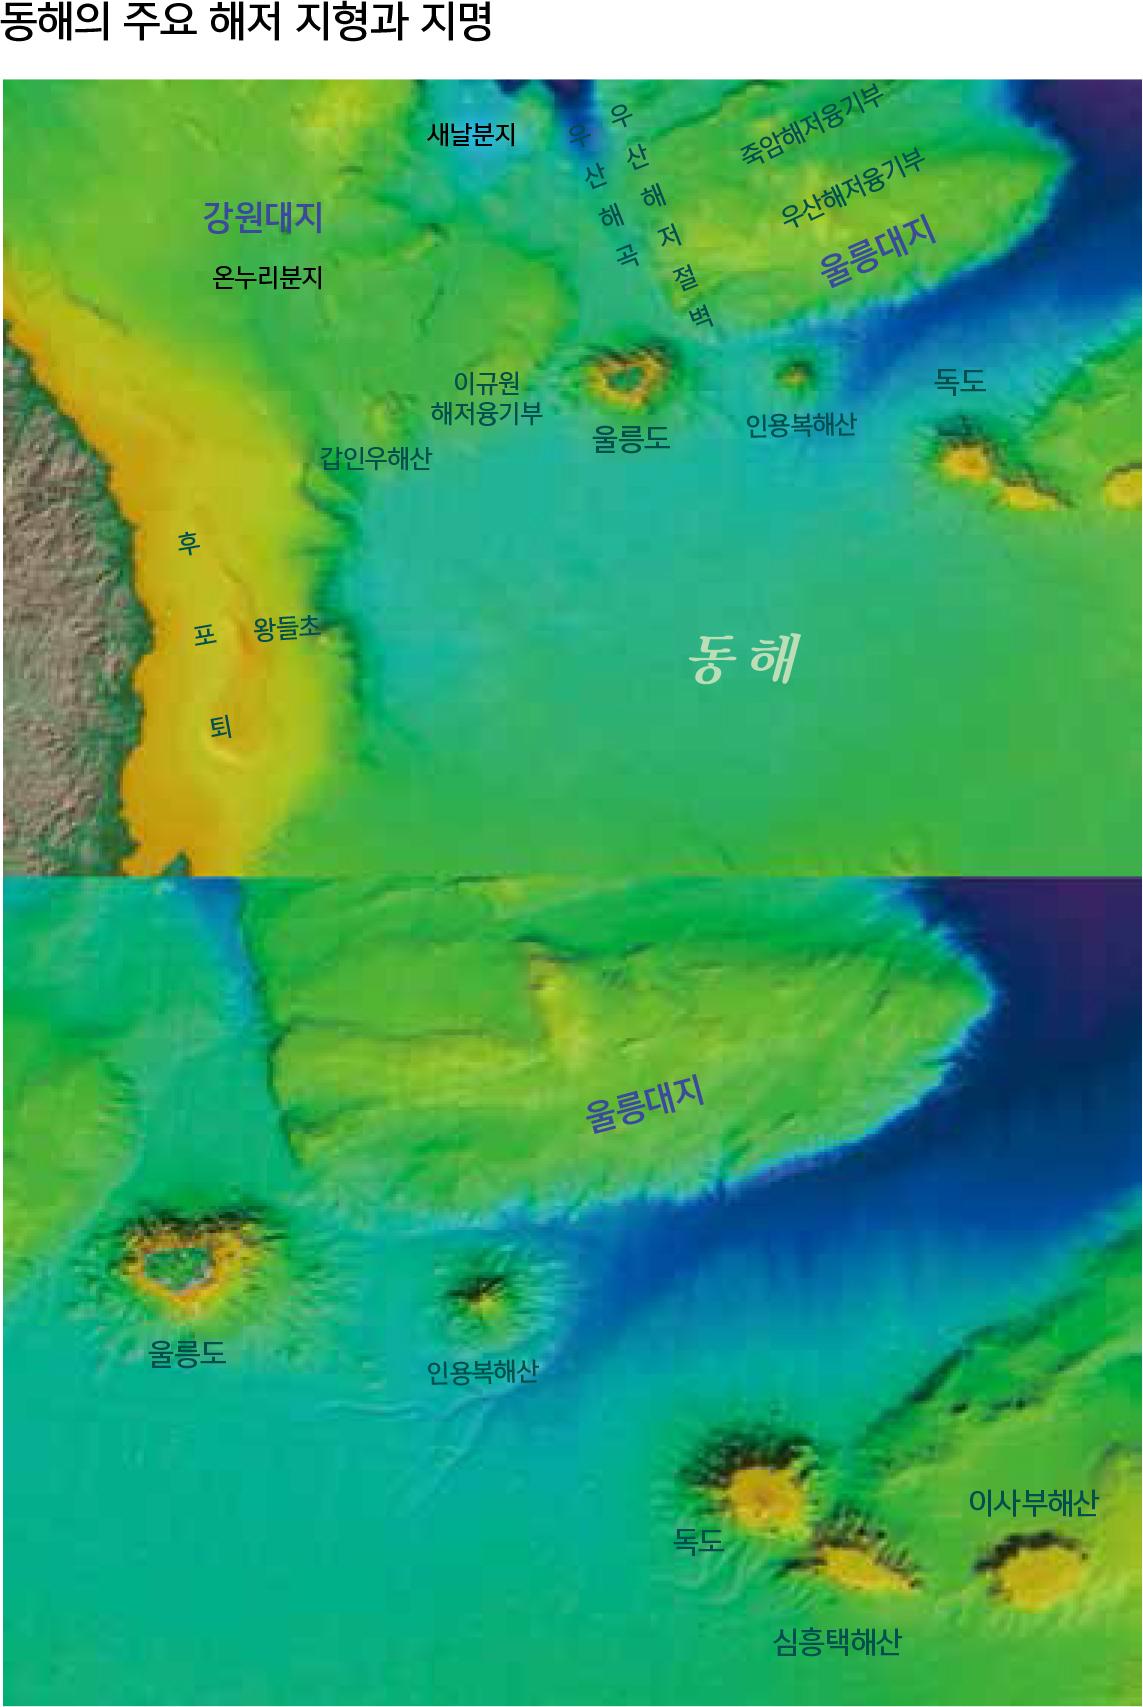 동해의 주요 해저 지형과 지명